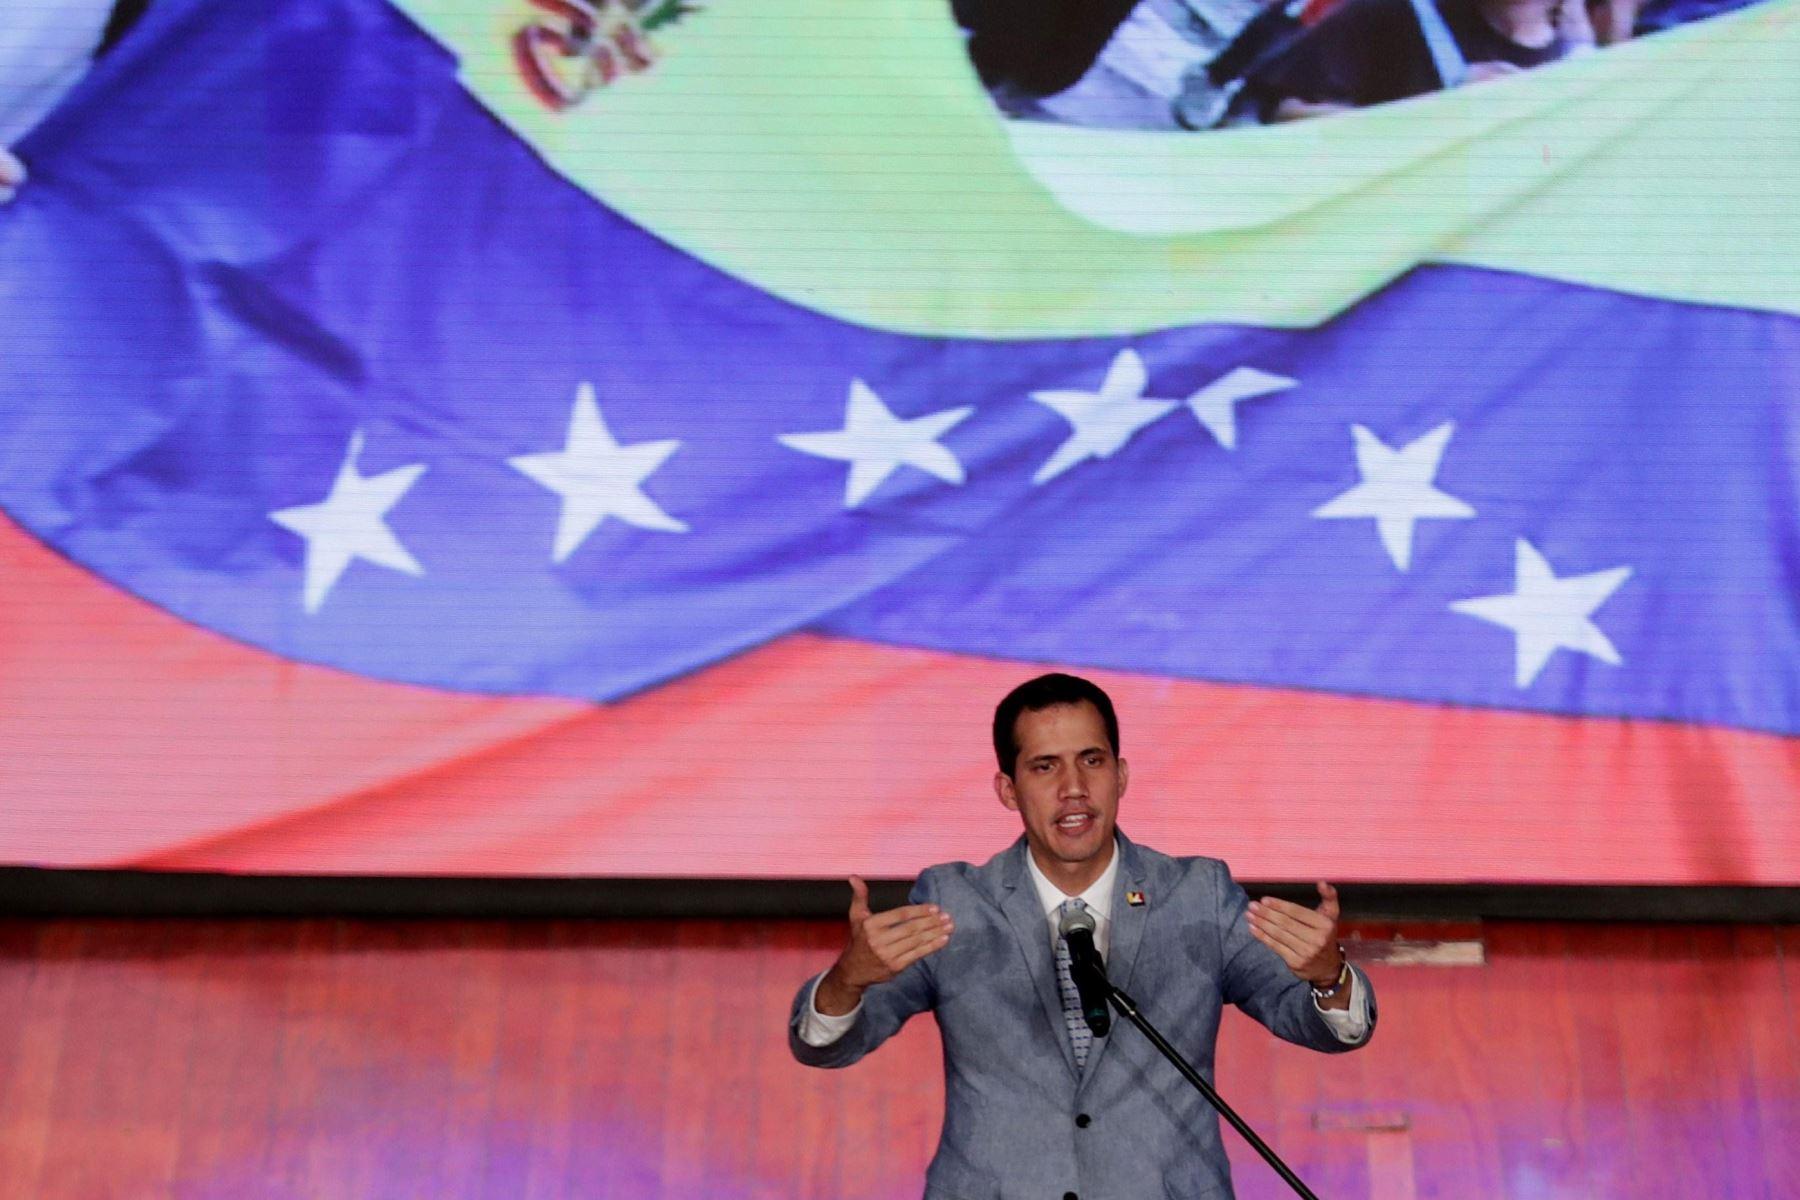 El jefe del Parlamento, Juan Guaidó, quien se proclamó presidente encargado de Venezuela hace más de dos semanas, habla durante un acto en la Universidad Central de Venezuela. Foto: Efe.